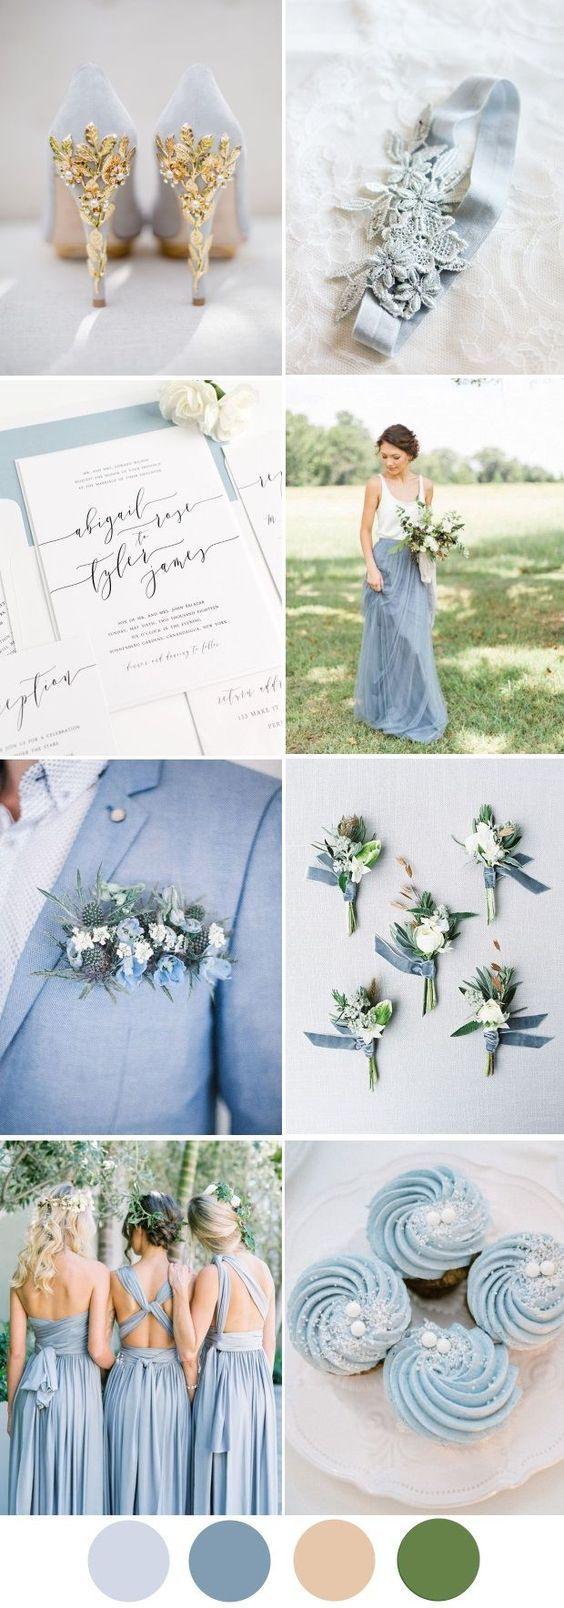 Dreamy Dusty Blue Winter Wedding Inspiration | Pinterest | Dusty ...